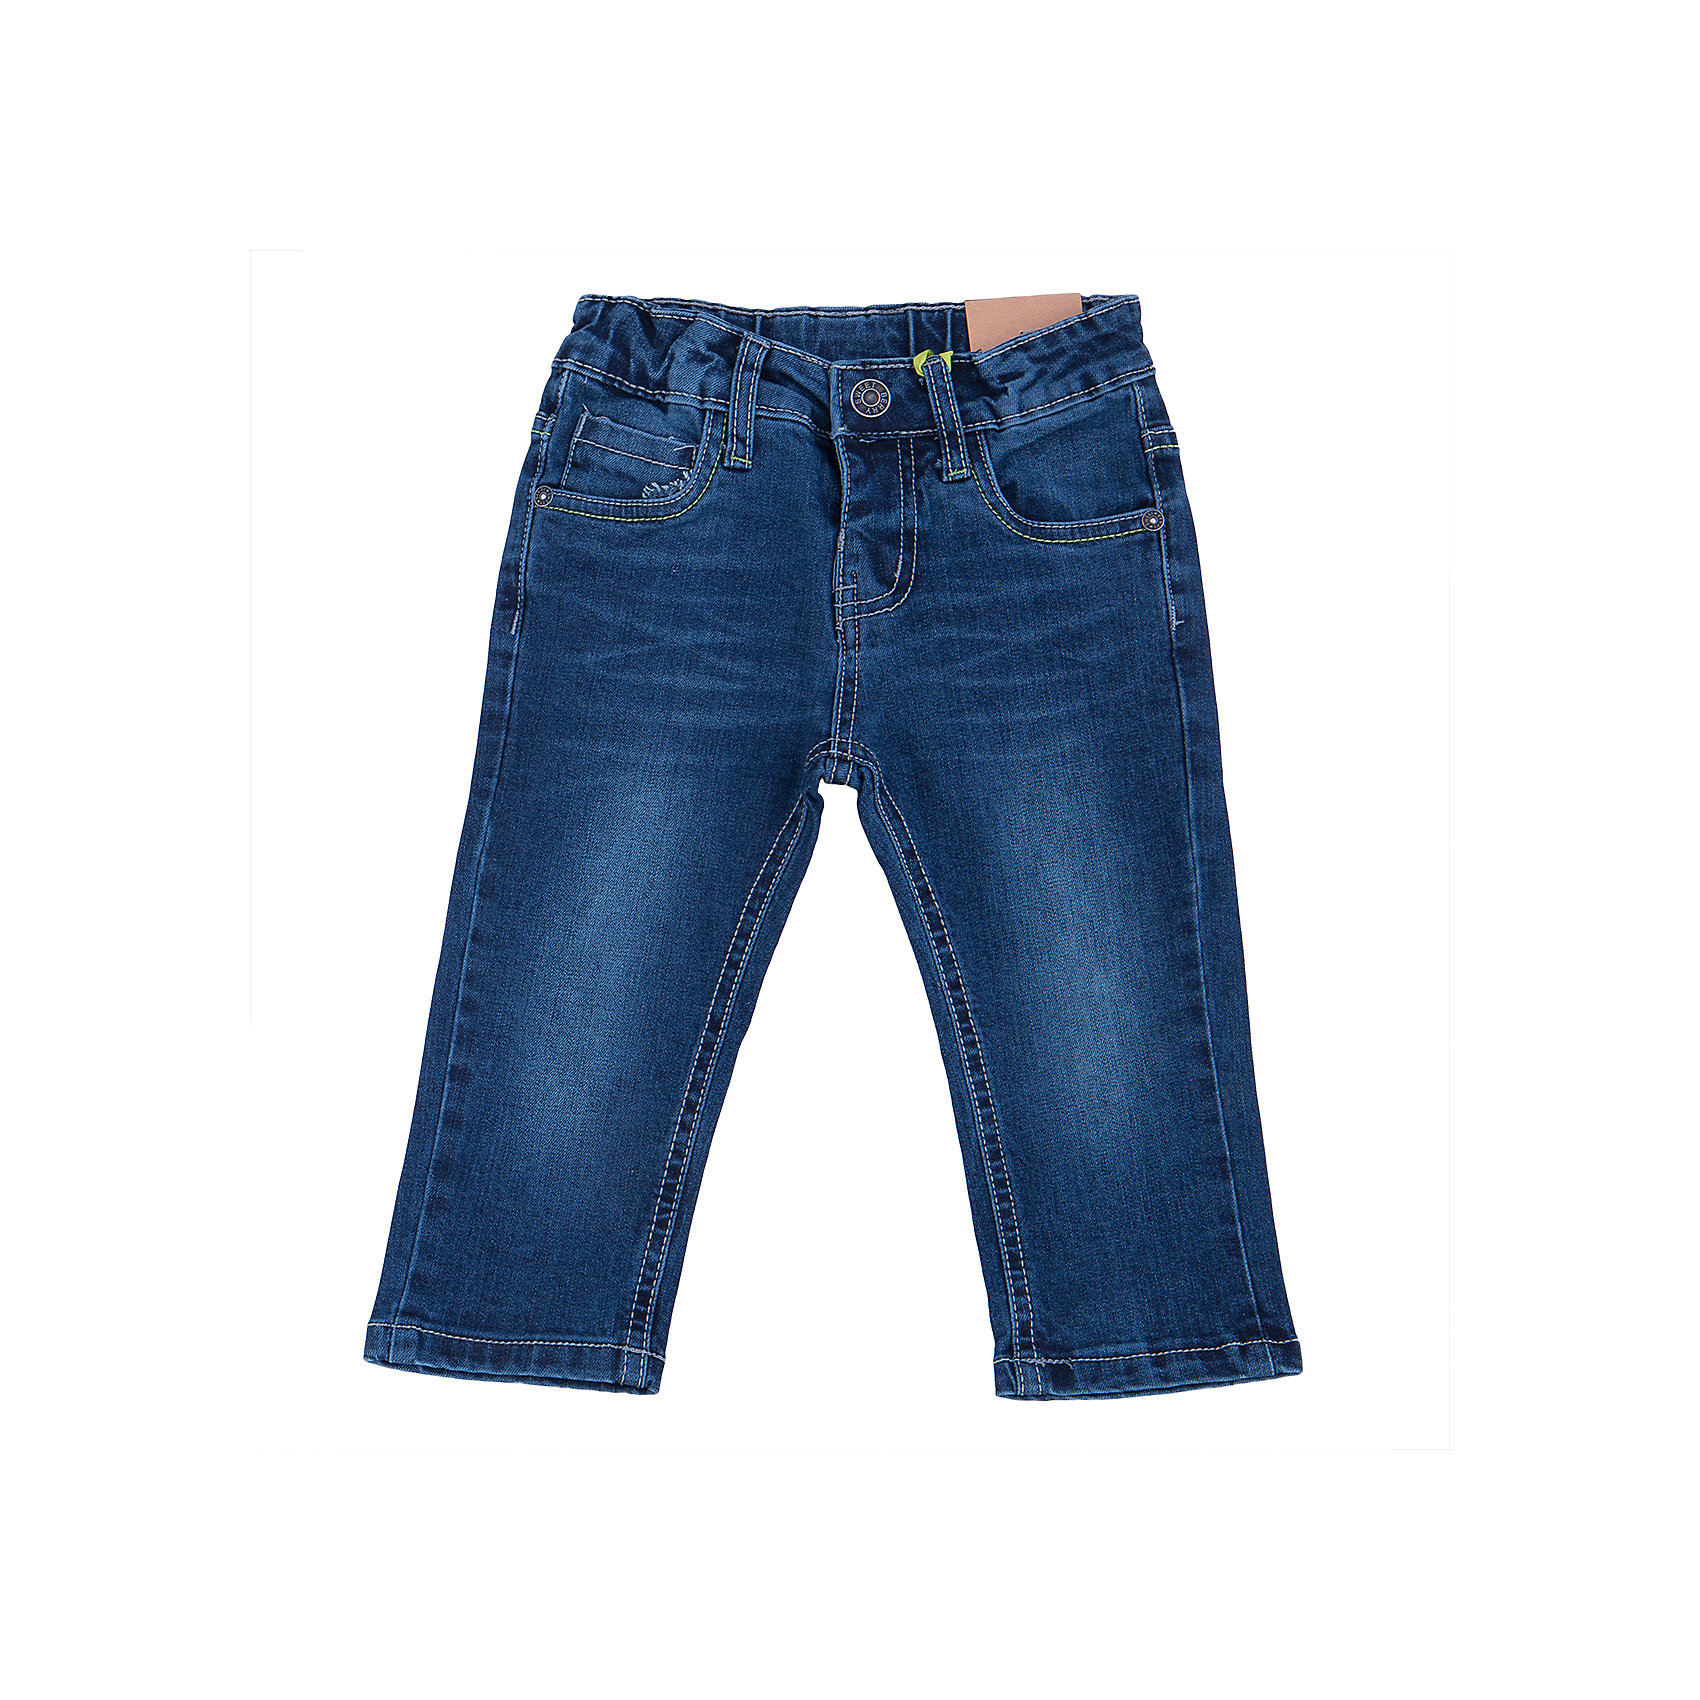 Джинсы для мальчика Sweet BerryДжинсы и брючки<br>Удобные джинсы для мальчика торговой марки Sweet Berry идеально подойдут Вашему малышу. Изготовленные из 100% хлопка, они мягкие и приятные на ощупь, не сковывают движения, сохраняют тепло дают ощущения комфорта. Джинсы застегиваются на пуговицу на поясе, также имеются шлевки для ремня и ширинка на застежке-молнии. Объем пояса регулируется при помощи эластичной резинки с пуговицей изнутри. Джинсы имеют классический пятикарманный крой: спереди модель дополнена двумя втачными карманами и одним маленьким накладным кармашком, а сзади - двумя накладными карманами. Модель оформлена контрастной декоративной отстрочкой на карманах сзади и модными потертостями. Практичные и стильные джинсы,   с модными потёртостями и высококачественным материалом подарят Вашему малышу комфорт в течение дня!<br><br> Дополнительная информация:<br><br>- комплектация: джинсы для мальчика<br>- материал : 100% хлопок<br>- цвет: синий <br>- коллекция: осень-зима 2016<br>- сезон: зима<br>- пол: для мальчика<br>- возраст: детский<br>- размер упаковки (дхшхв), 20 * 20 *5 см<br>- вес в упаковке, 230  г<br><br>Джинсы для  мальчика торговой марки Sweet Berry  можно купить в нашем интернет-магазине<br><br>Ширина мм: 215<br>Глубина мм: 88<br>Высота мм: 191<br>Вес г: 336<br>Цвет: синий<br>Возраст от месяцев: 12<br>Возраст до месяцев: 18<br>Пол: Мужской<br>Возраст: Детский<br>Размер: 86,92,98,80<br>SKU: 4929862